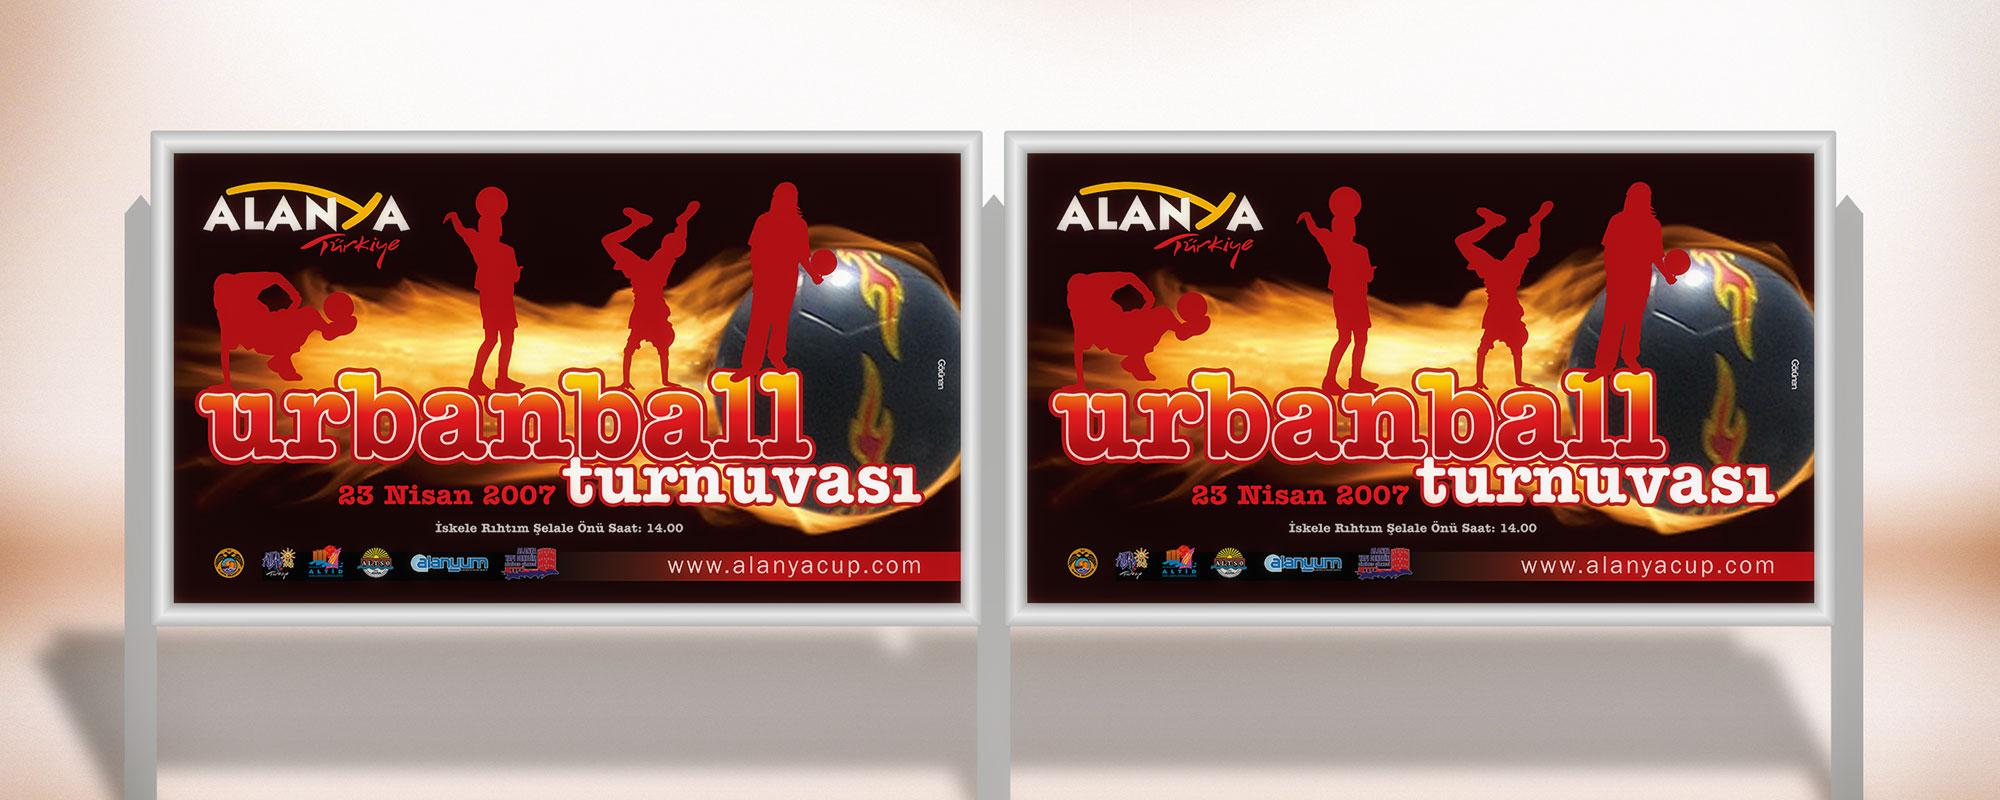 Billboard Afişi - Urbanball Turnuvası - Alanya Belediyesi